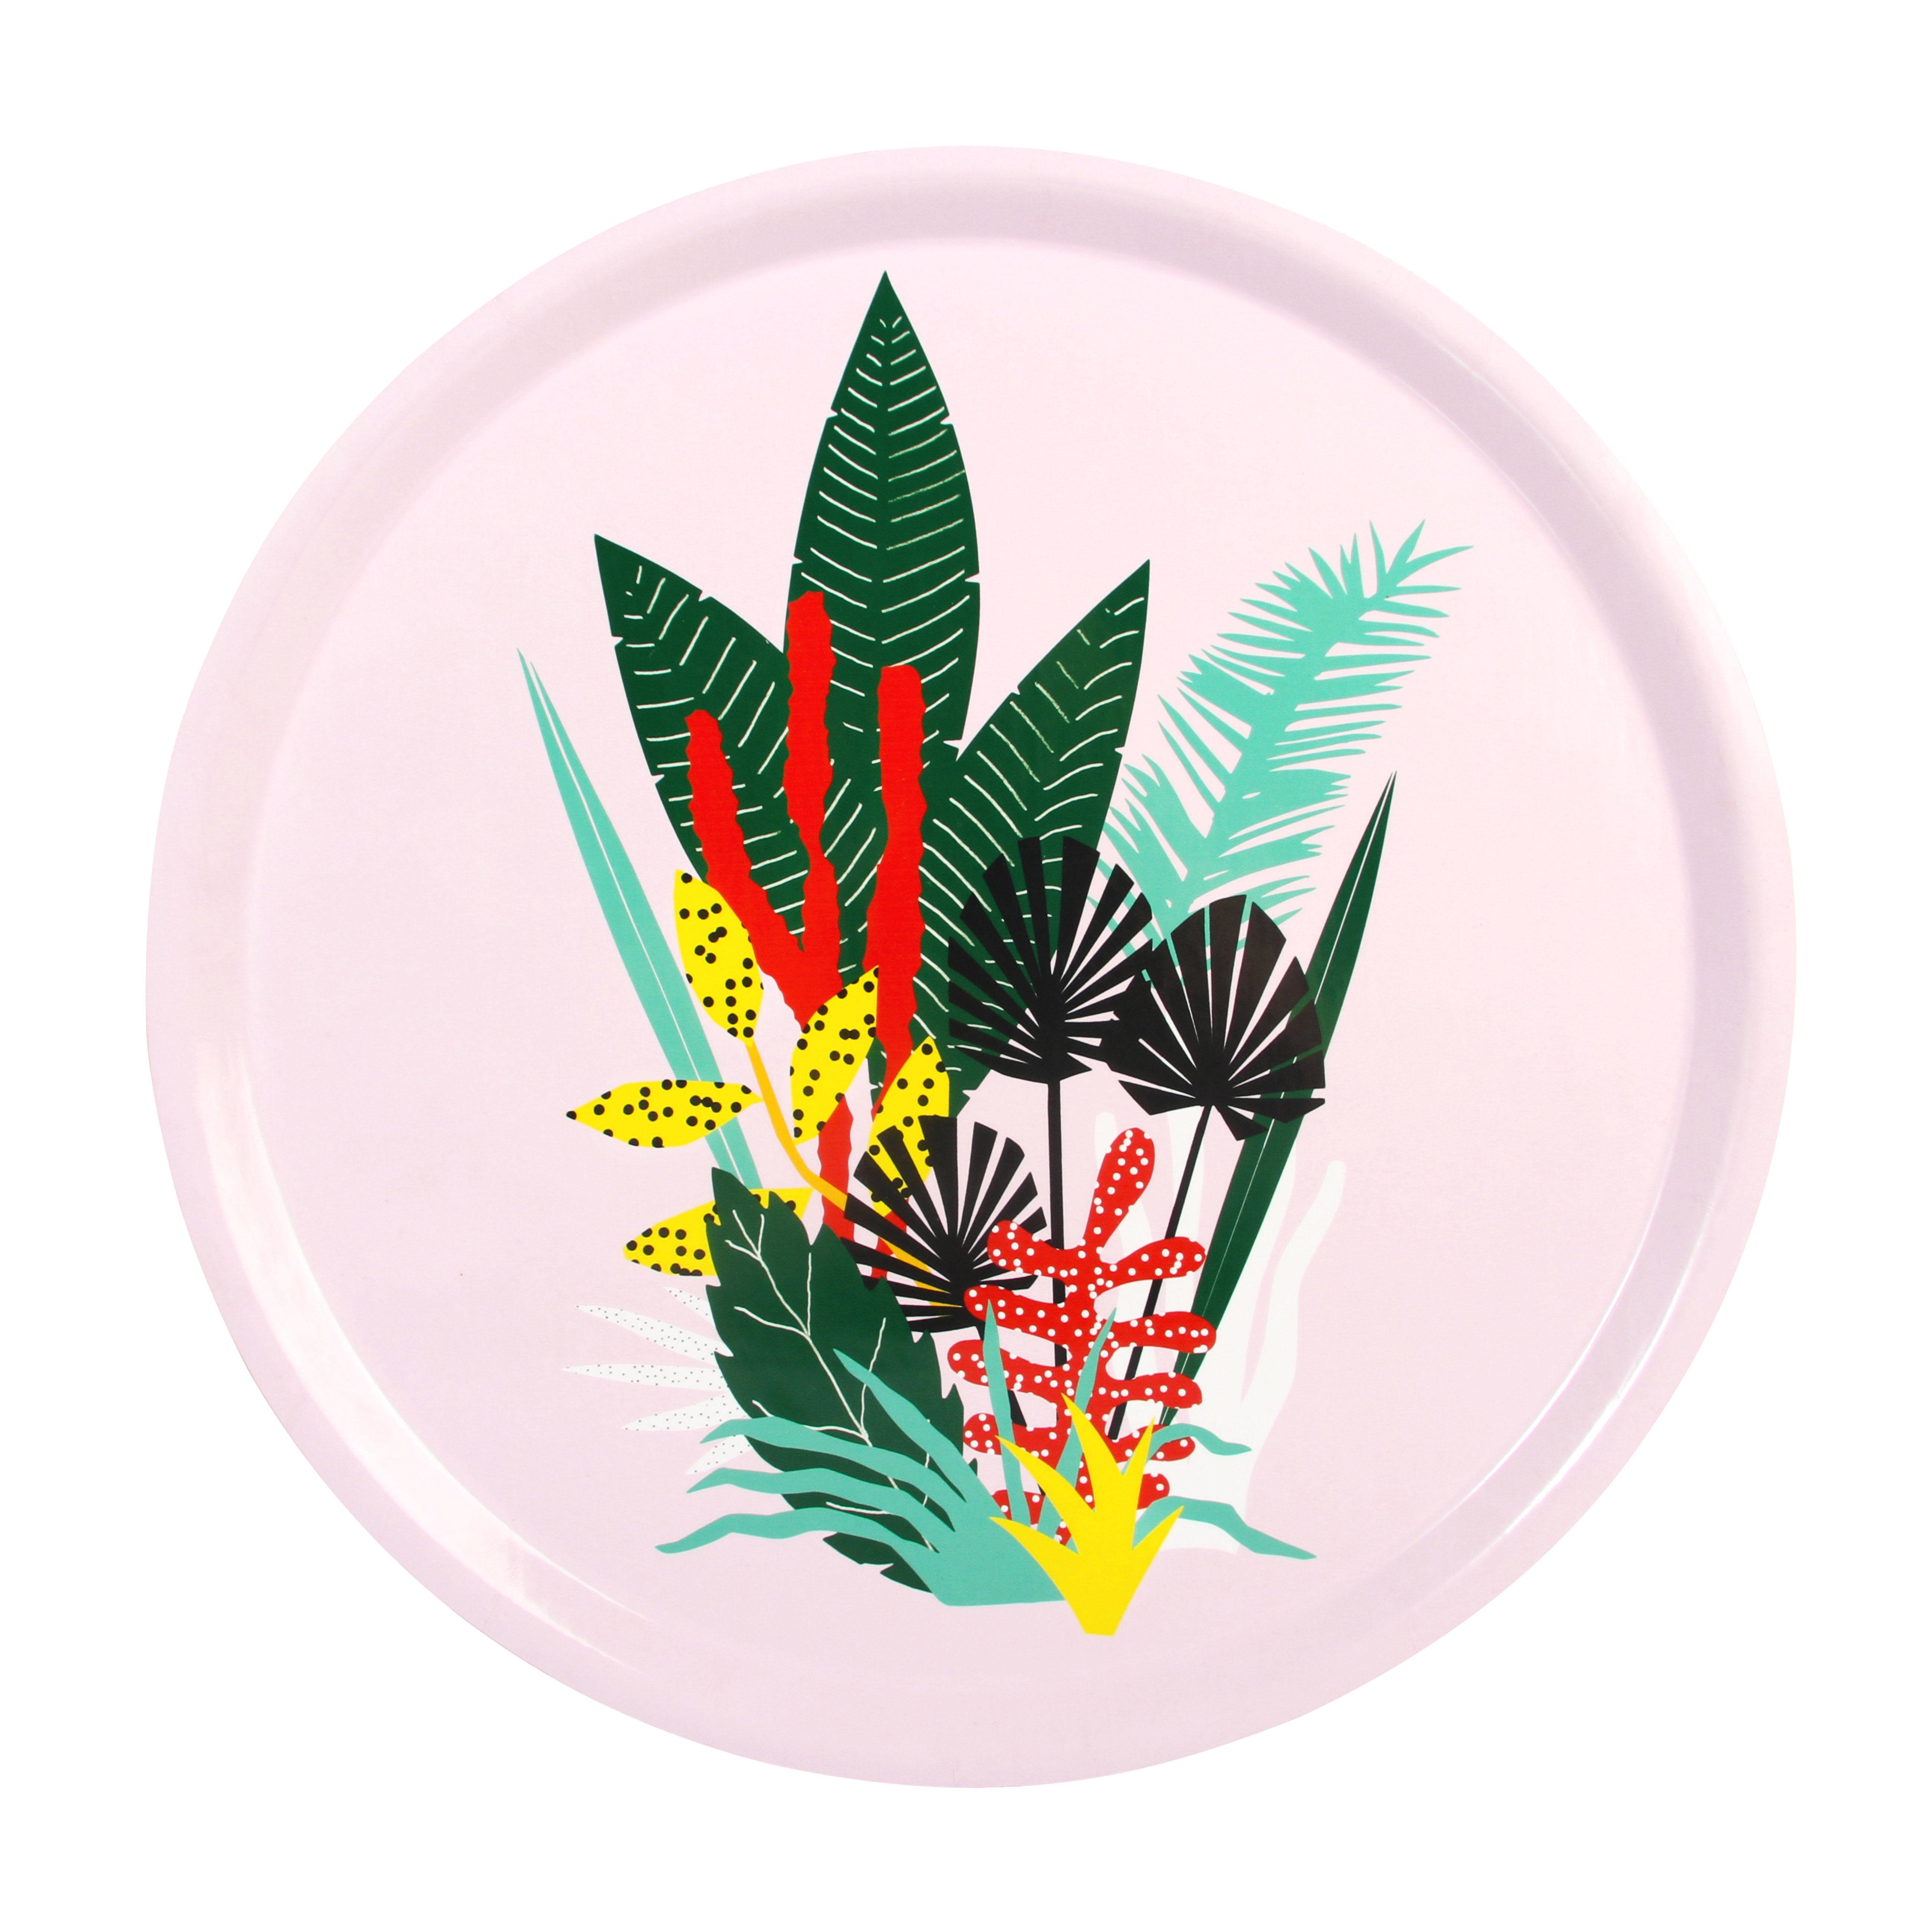 Arts de la table - Plateaux - Plateau Botanic / Mélamine - Ø 35 cm - & klevering - Fleurs multicolores/ Fond rose - Contreplaqué, Mélamine